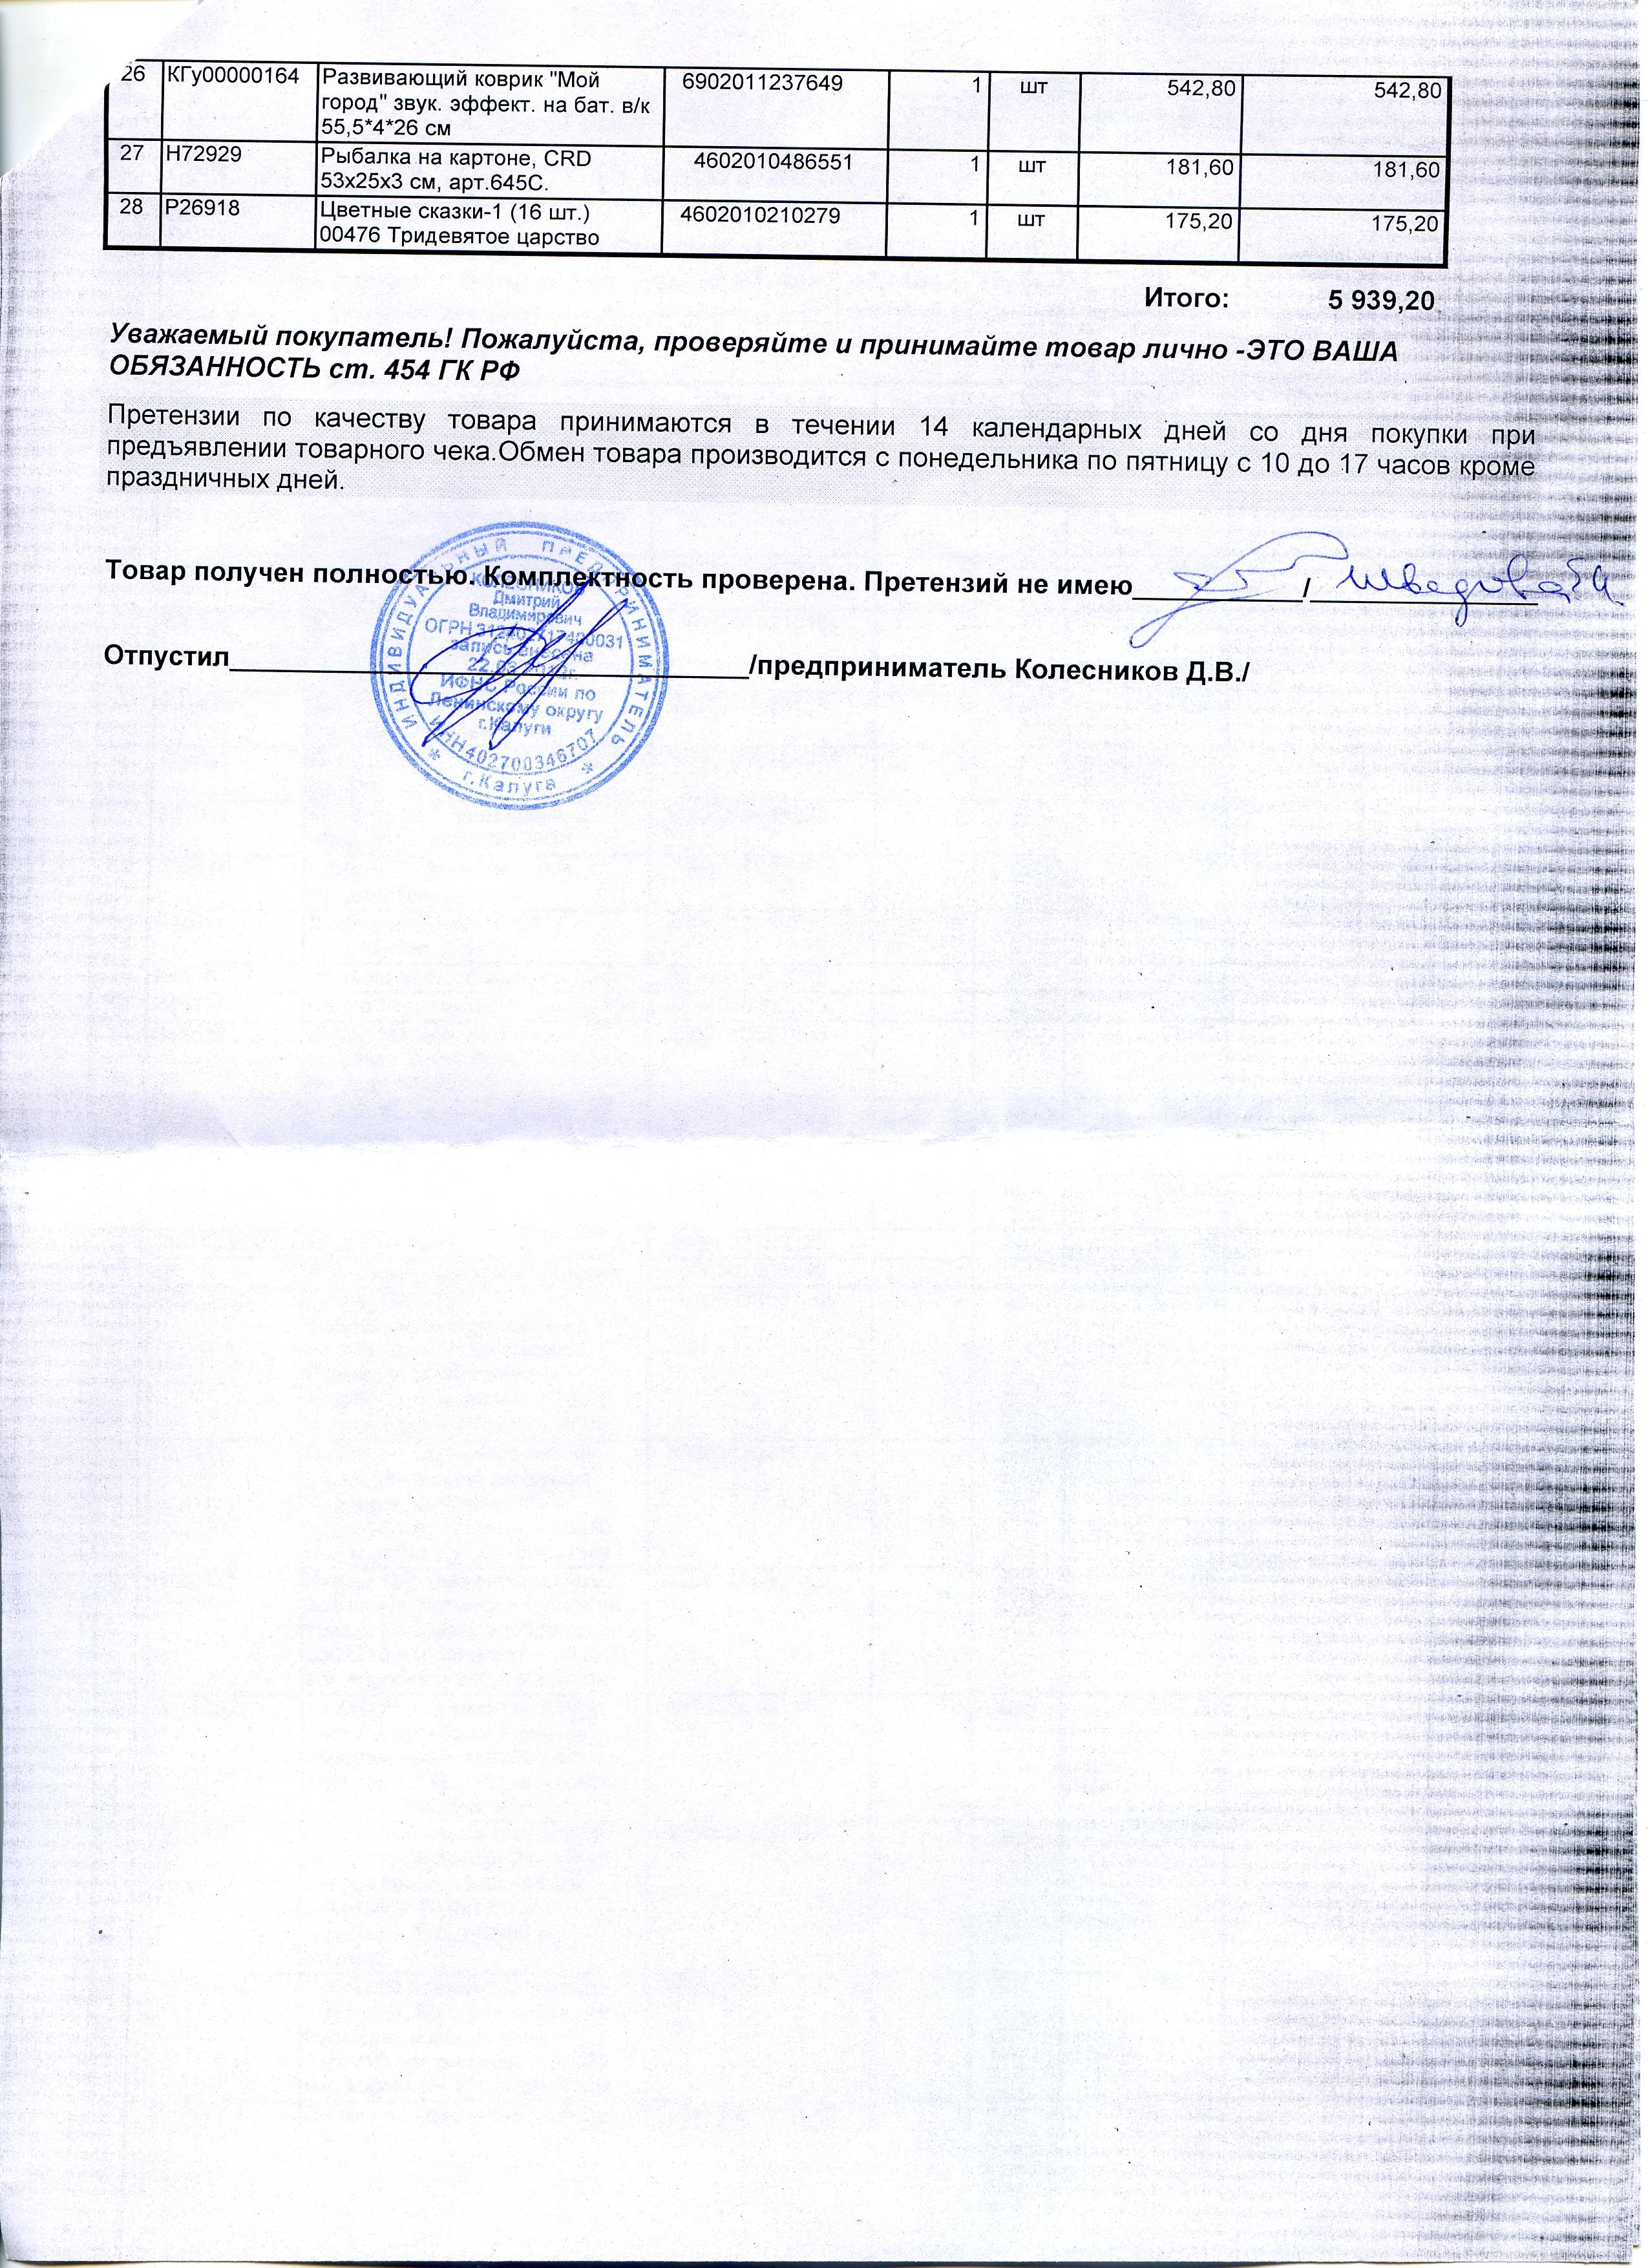 Чек Антел Обнинск 1023